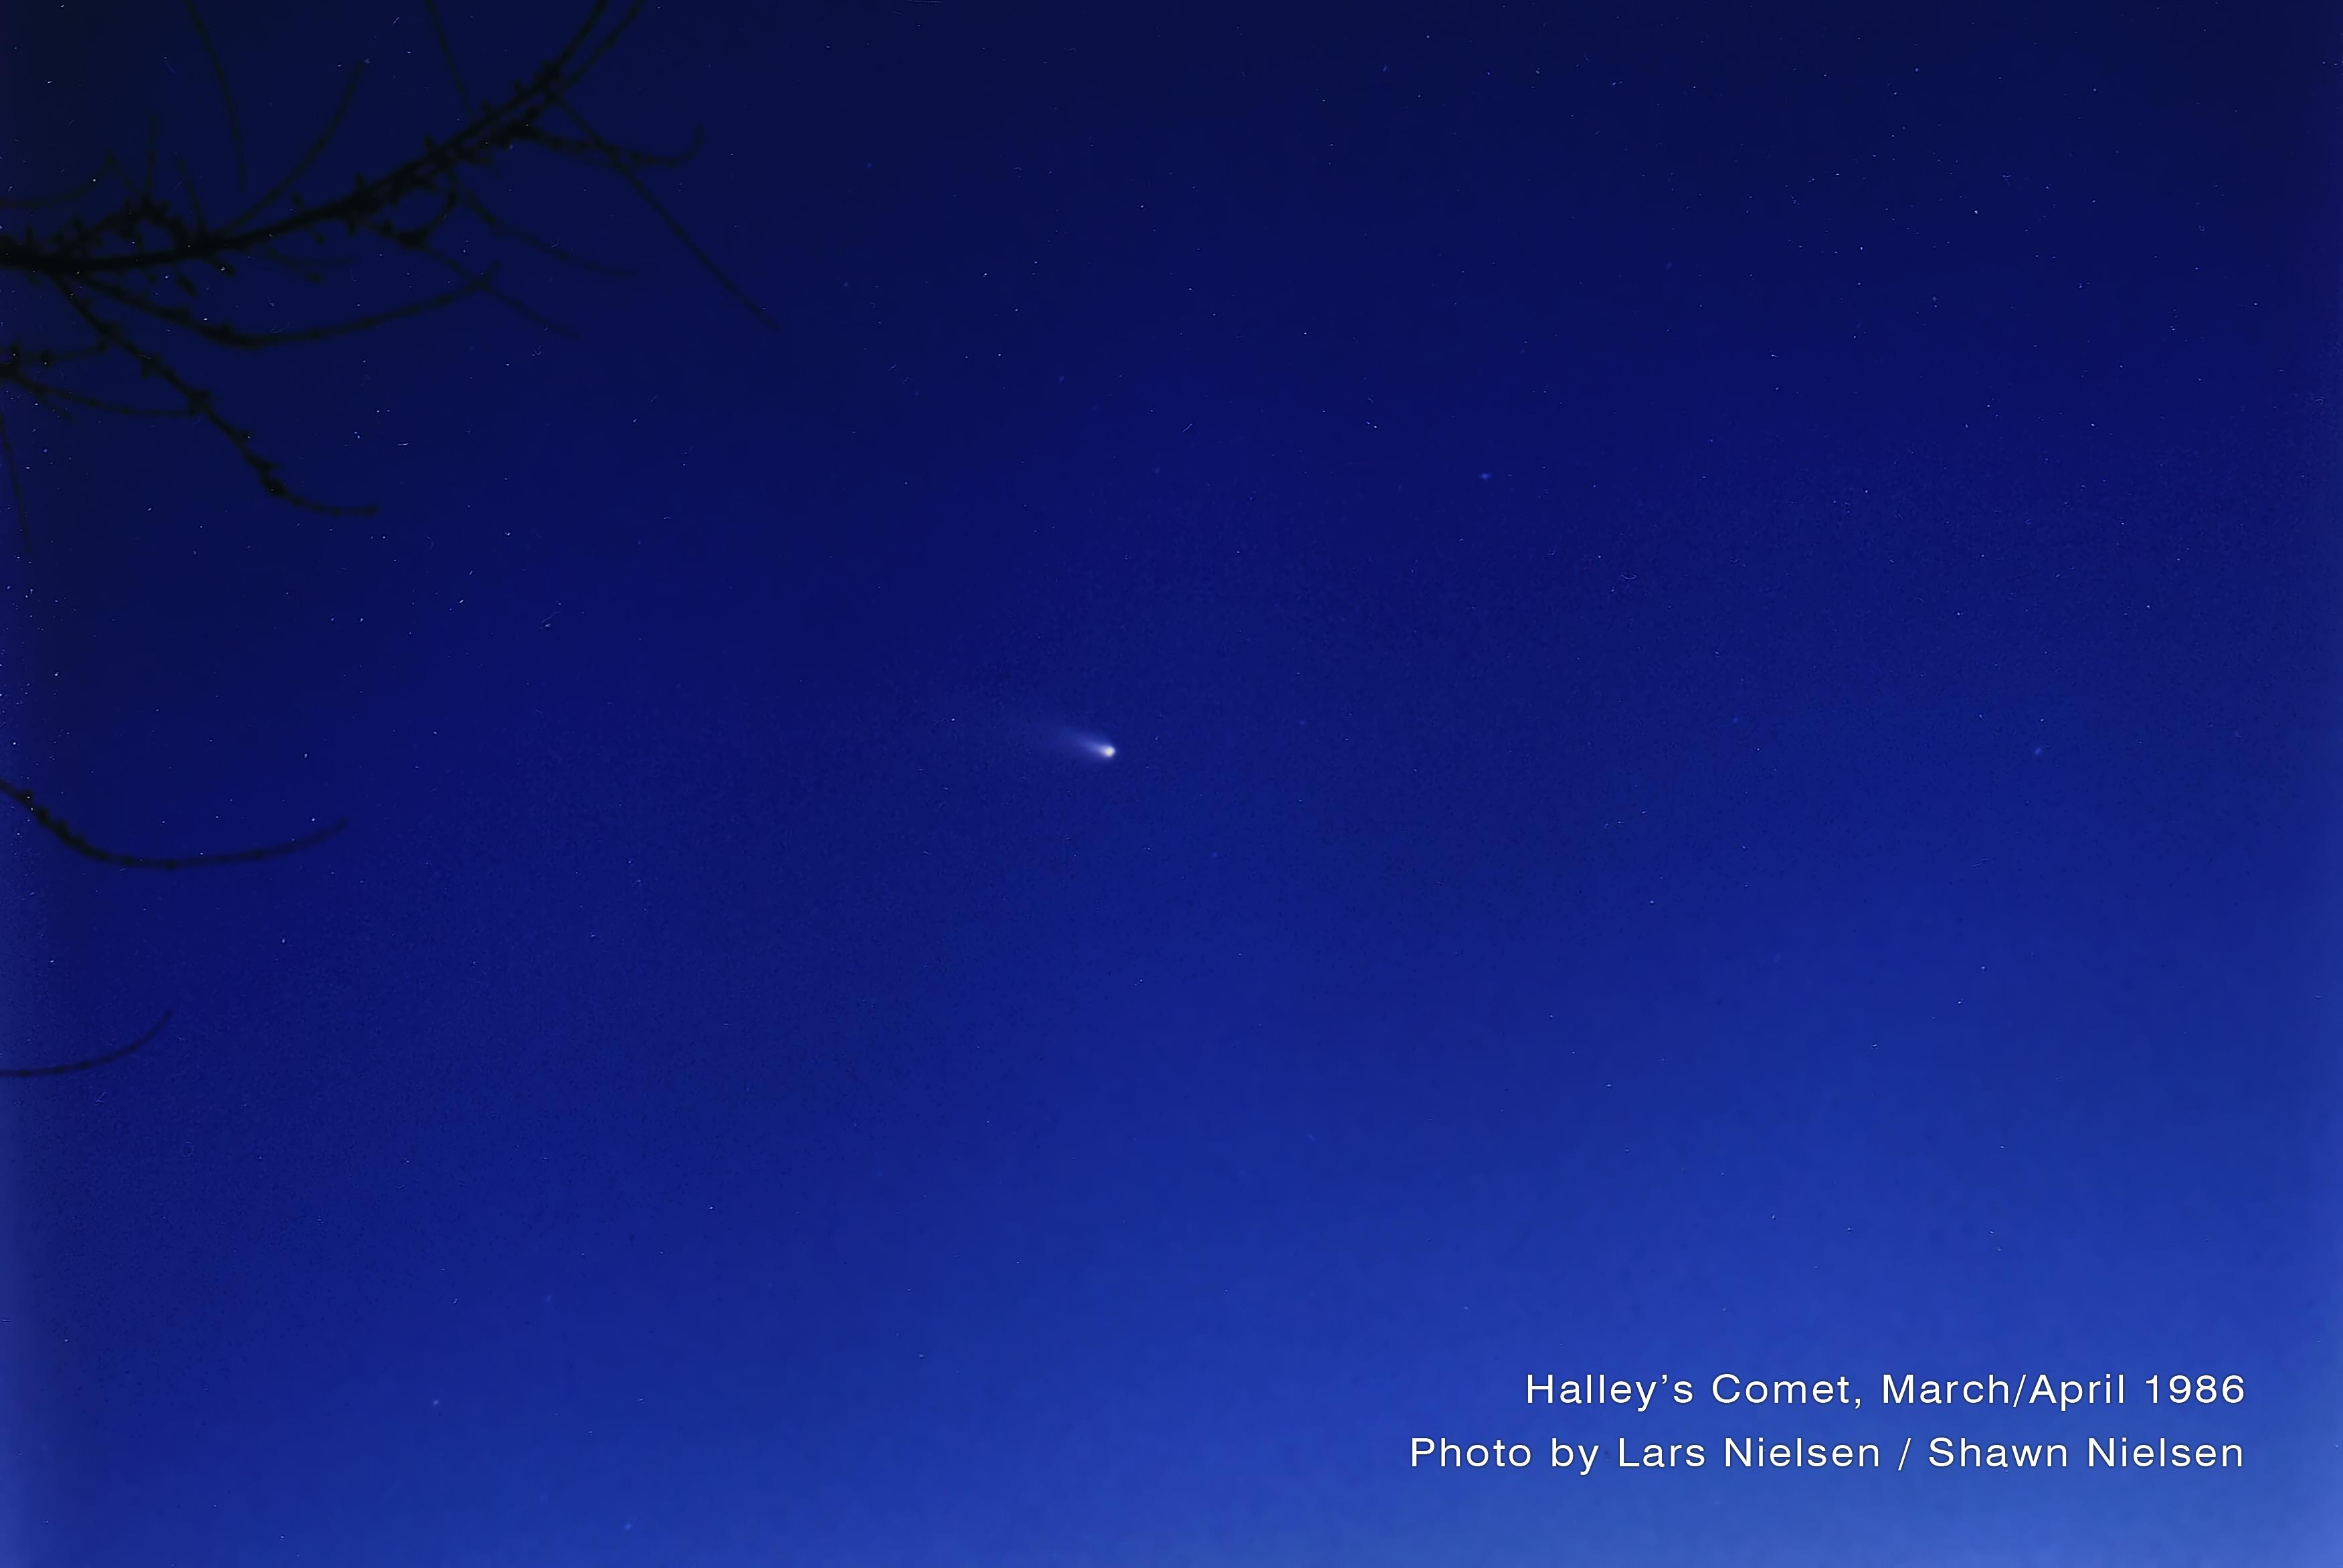 Comet-Halley-Lars_Nielsen-Shawn_Nielsen-1